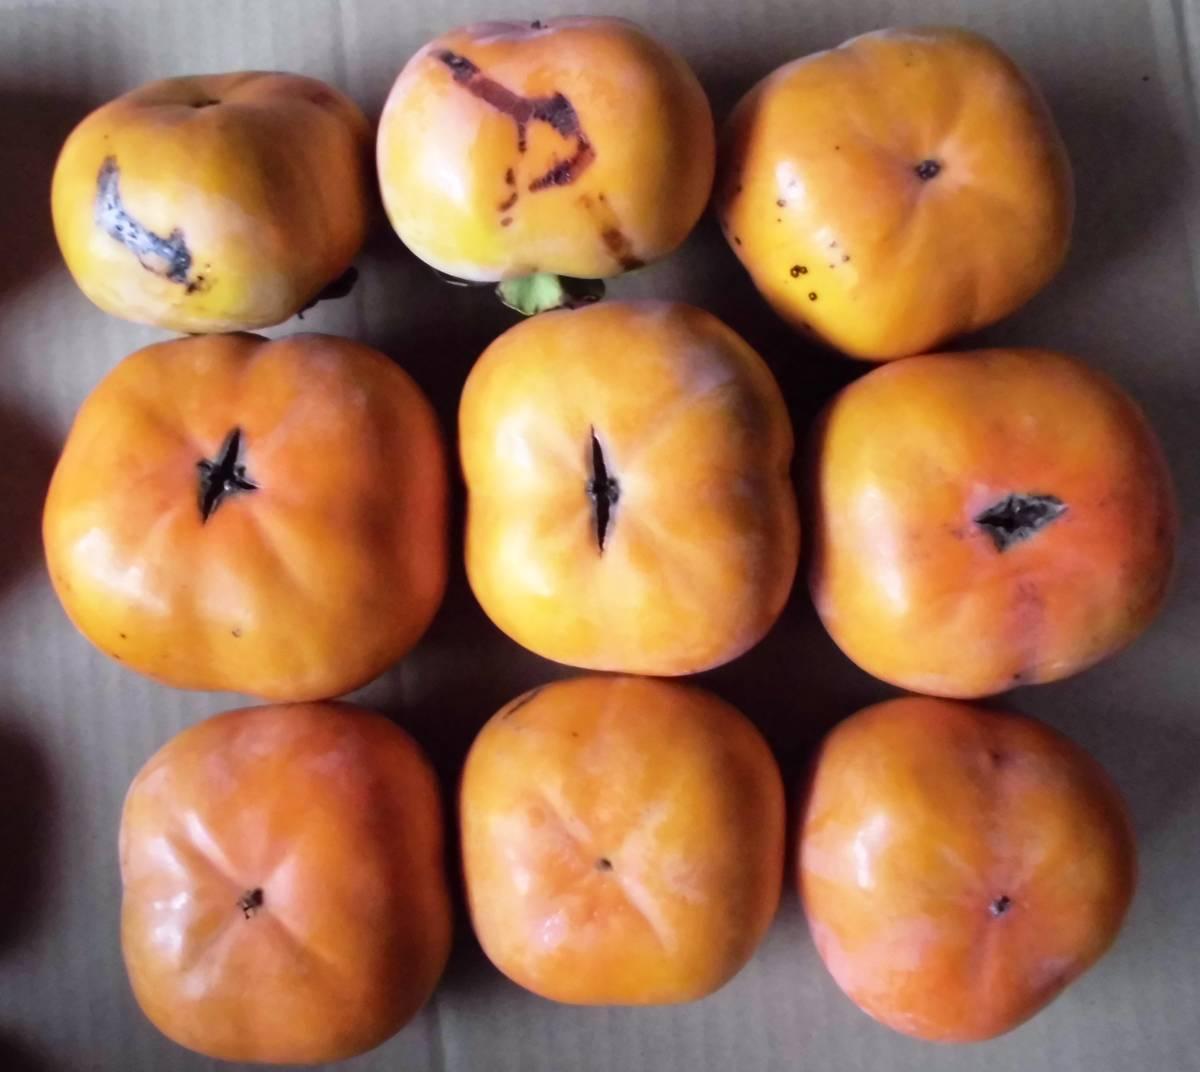 愛知県豊橋産今が旬の次郎柿10kg(家庭用)・・・ シャキシャキ食感が好き_画像3